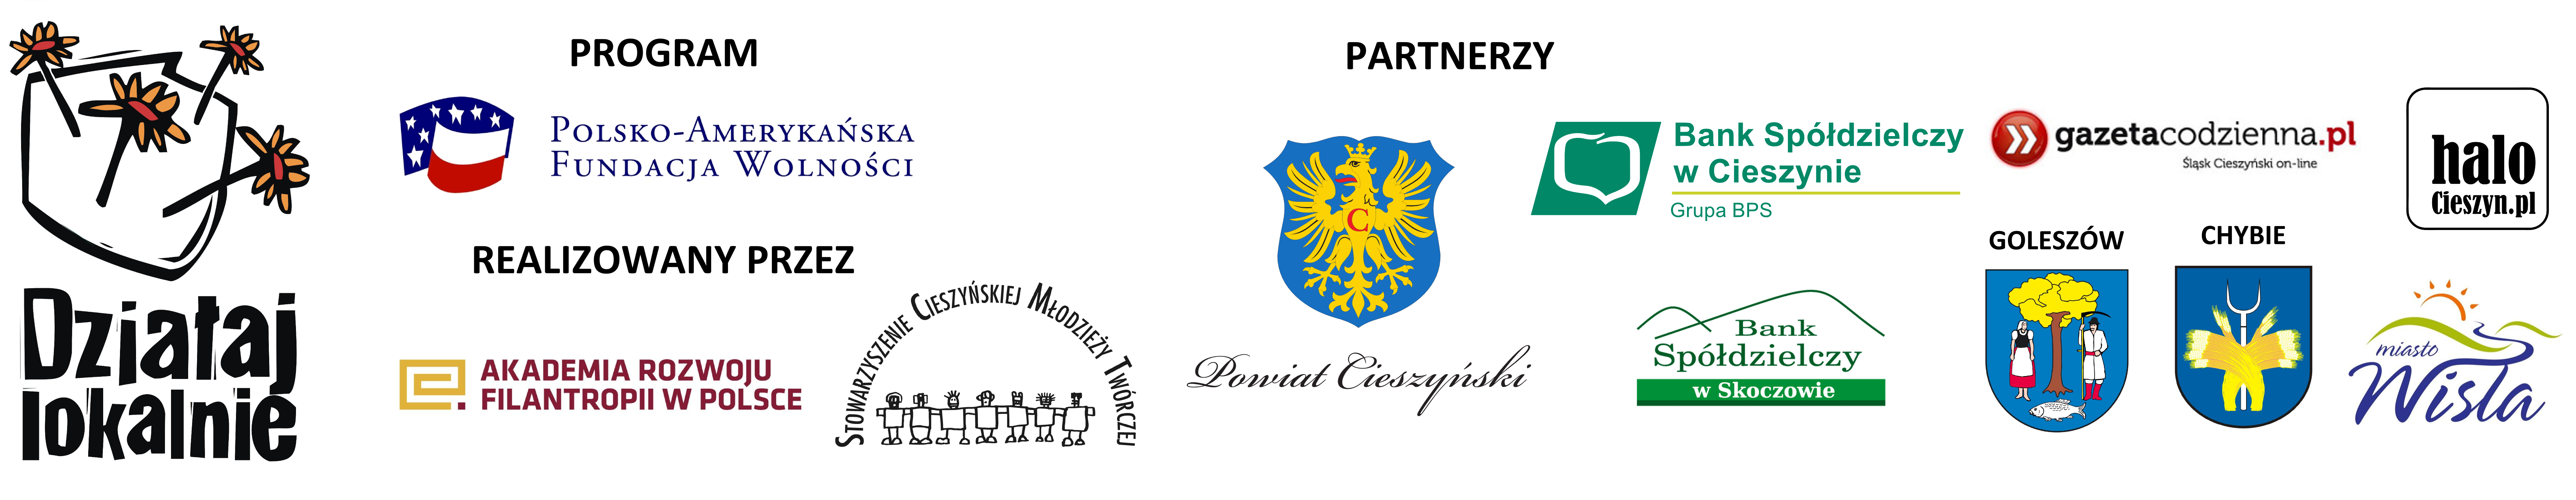 Sponsorzy i Partnerzy Rodzinnej Szkoły Zdrowego Gotowania